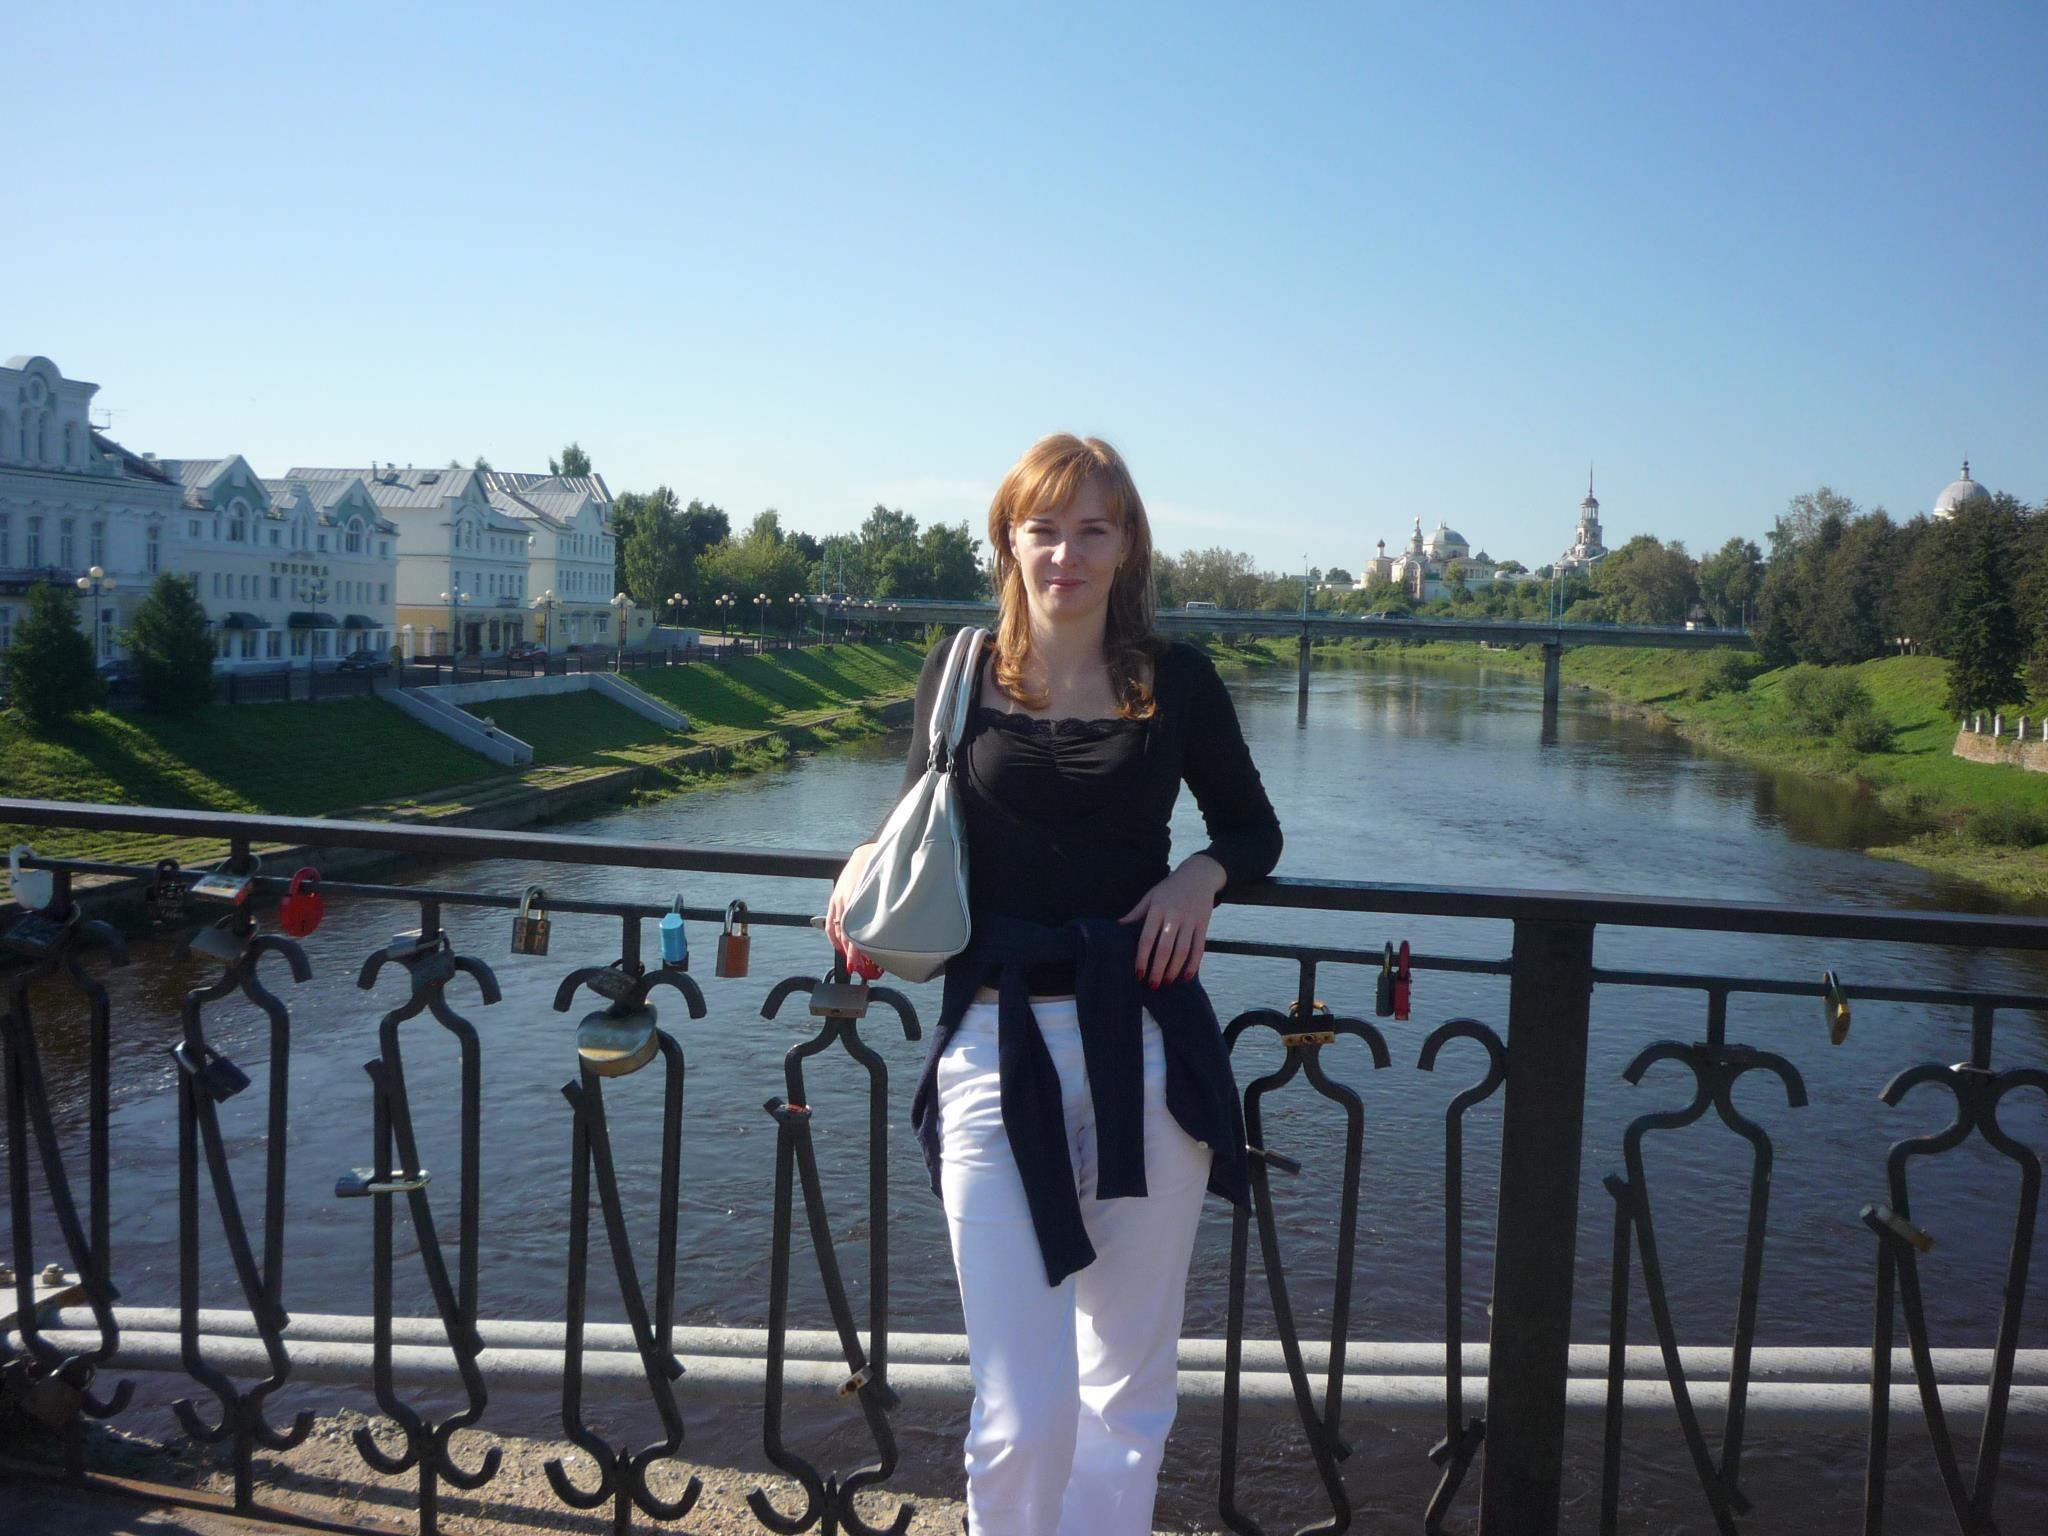 Христина Спасская: у Тверской области по сравнению с другими регионами есть ряд преимуществ и это не только географическое положение, красоты природы